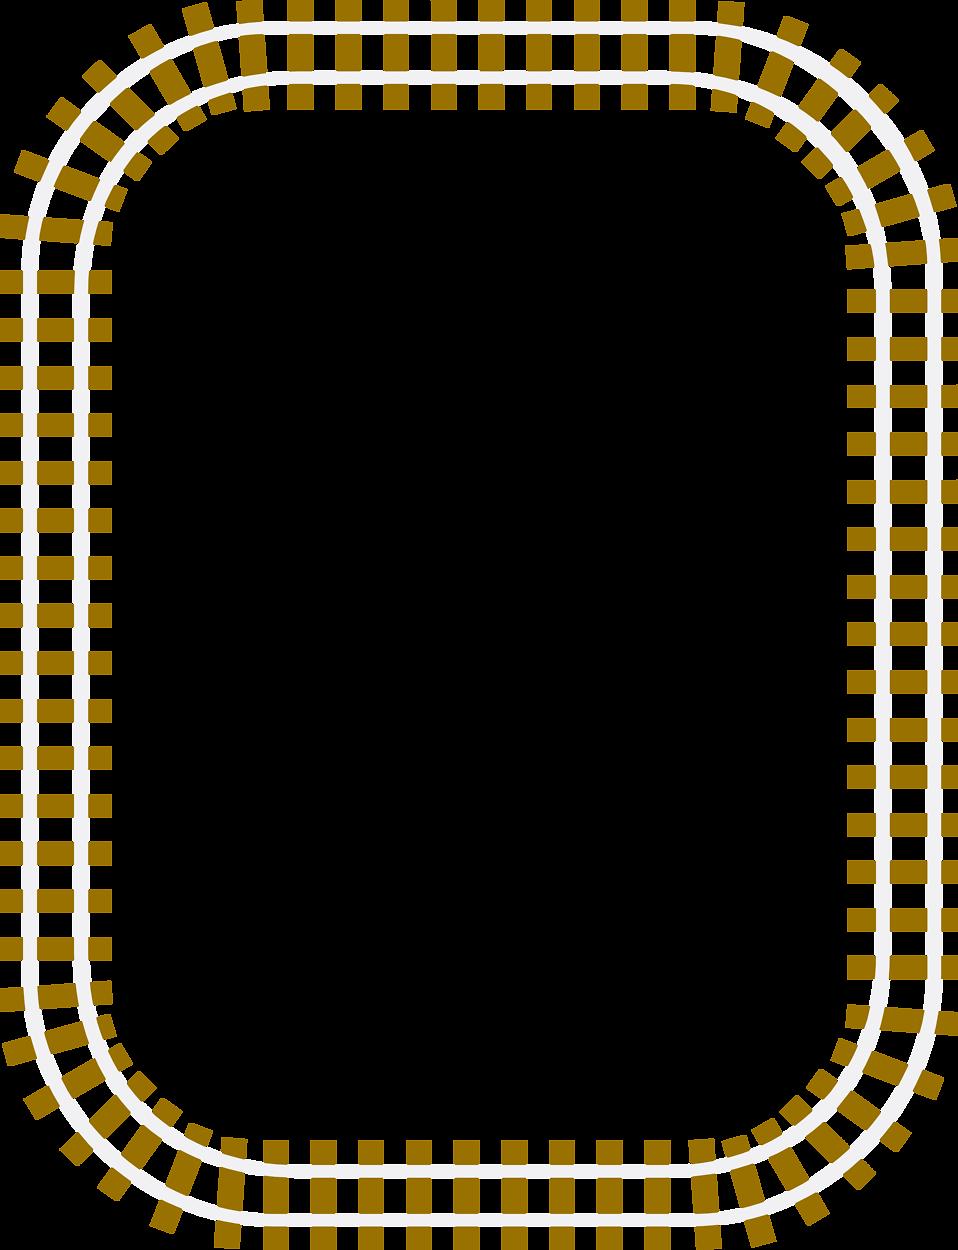 Train Track Clip Art